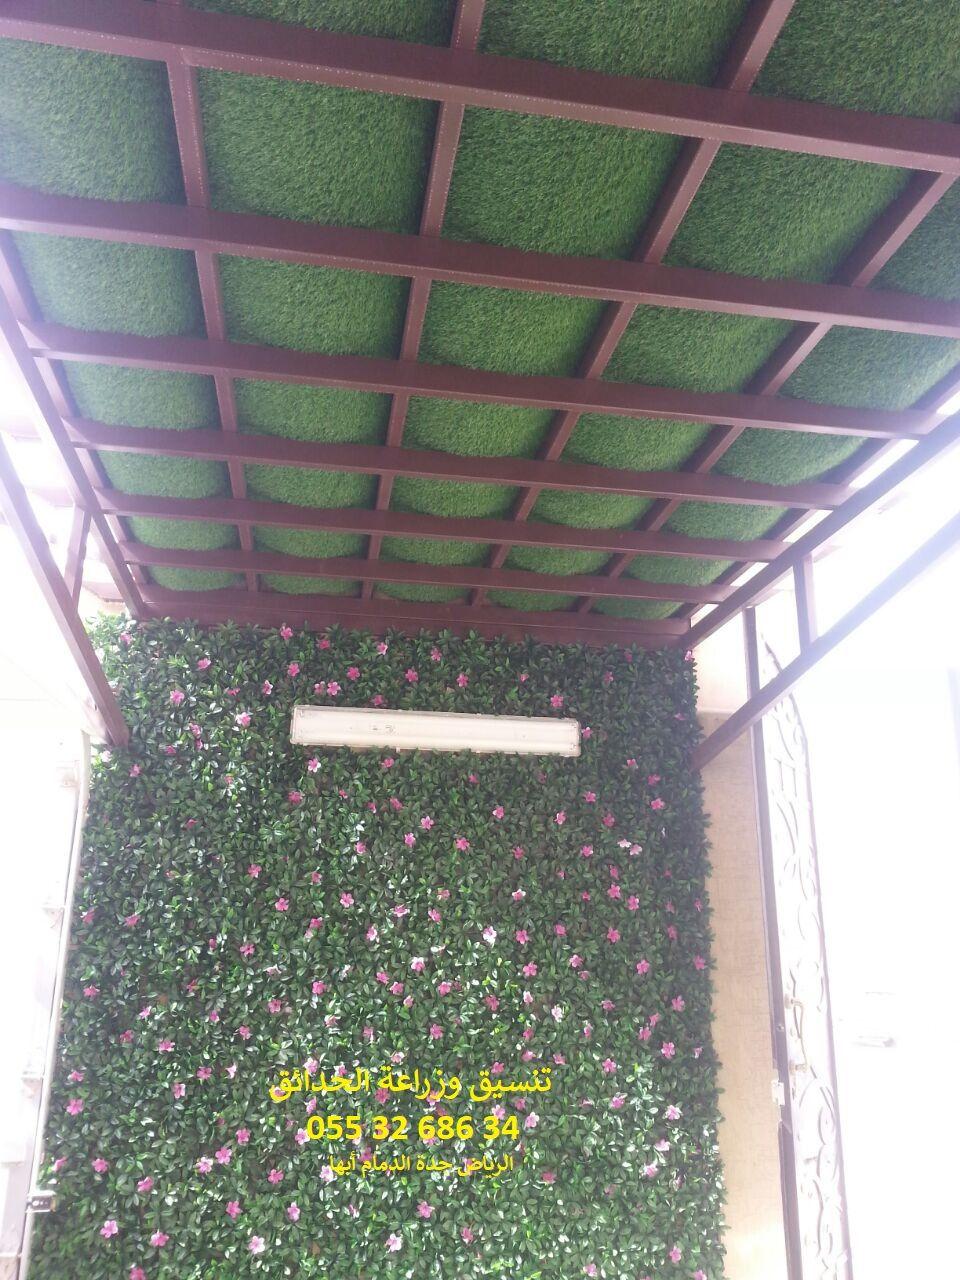 صيانة حدائق بالرياض 0553268634 صيانة شبكات ري 0553268634 صور تنسيق حدائق 0553268634 عشب صناعي 0553268634 عشب جداري 0553268634 Outdoor Structures Decor Outdoor